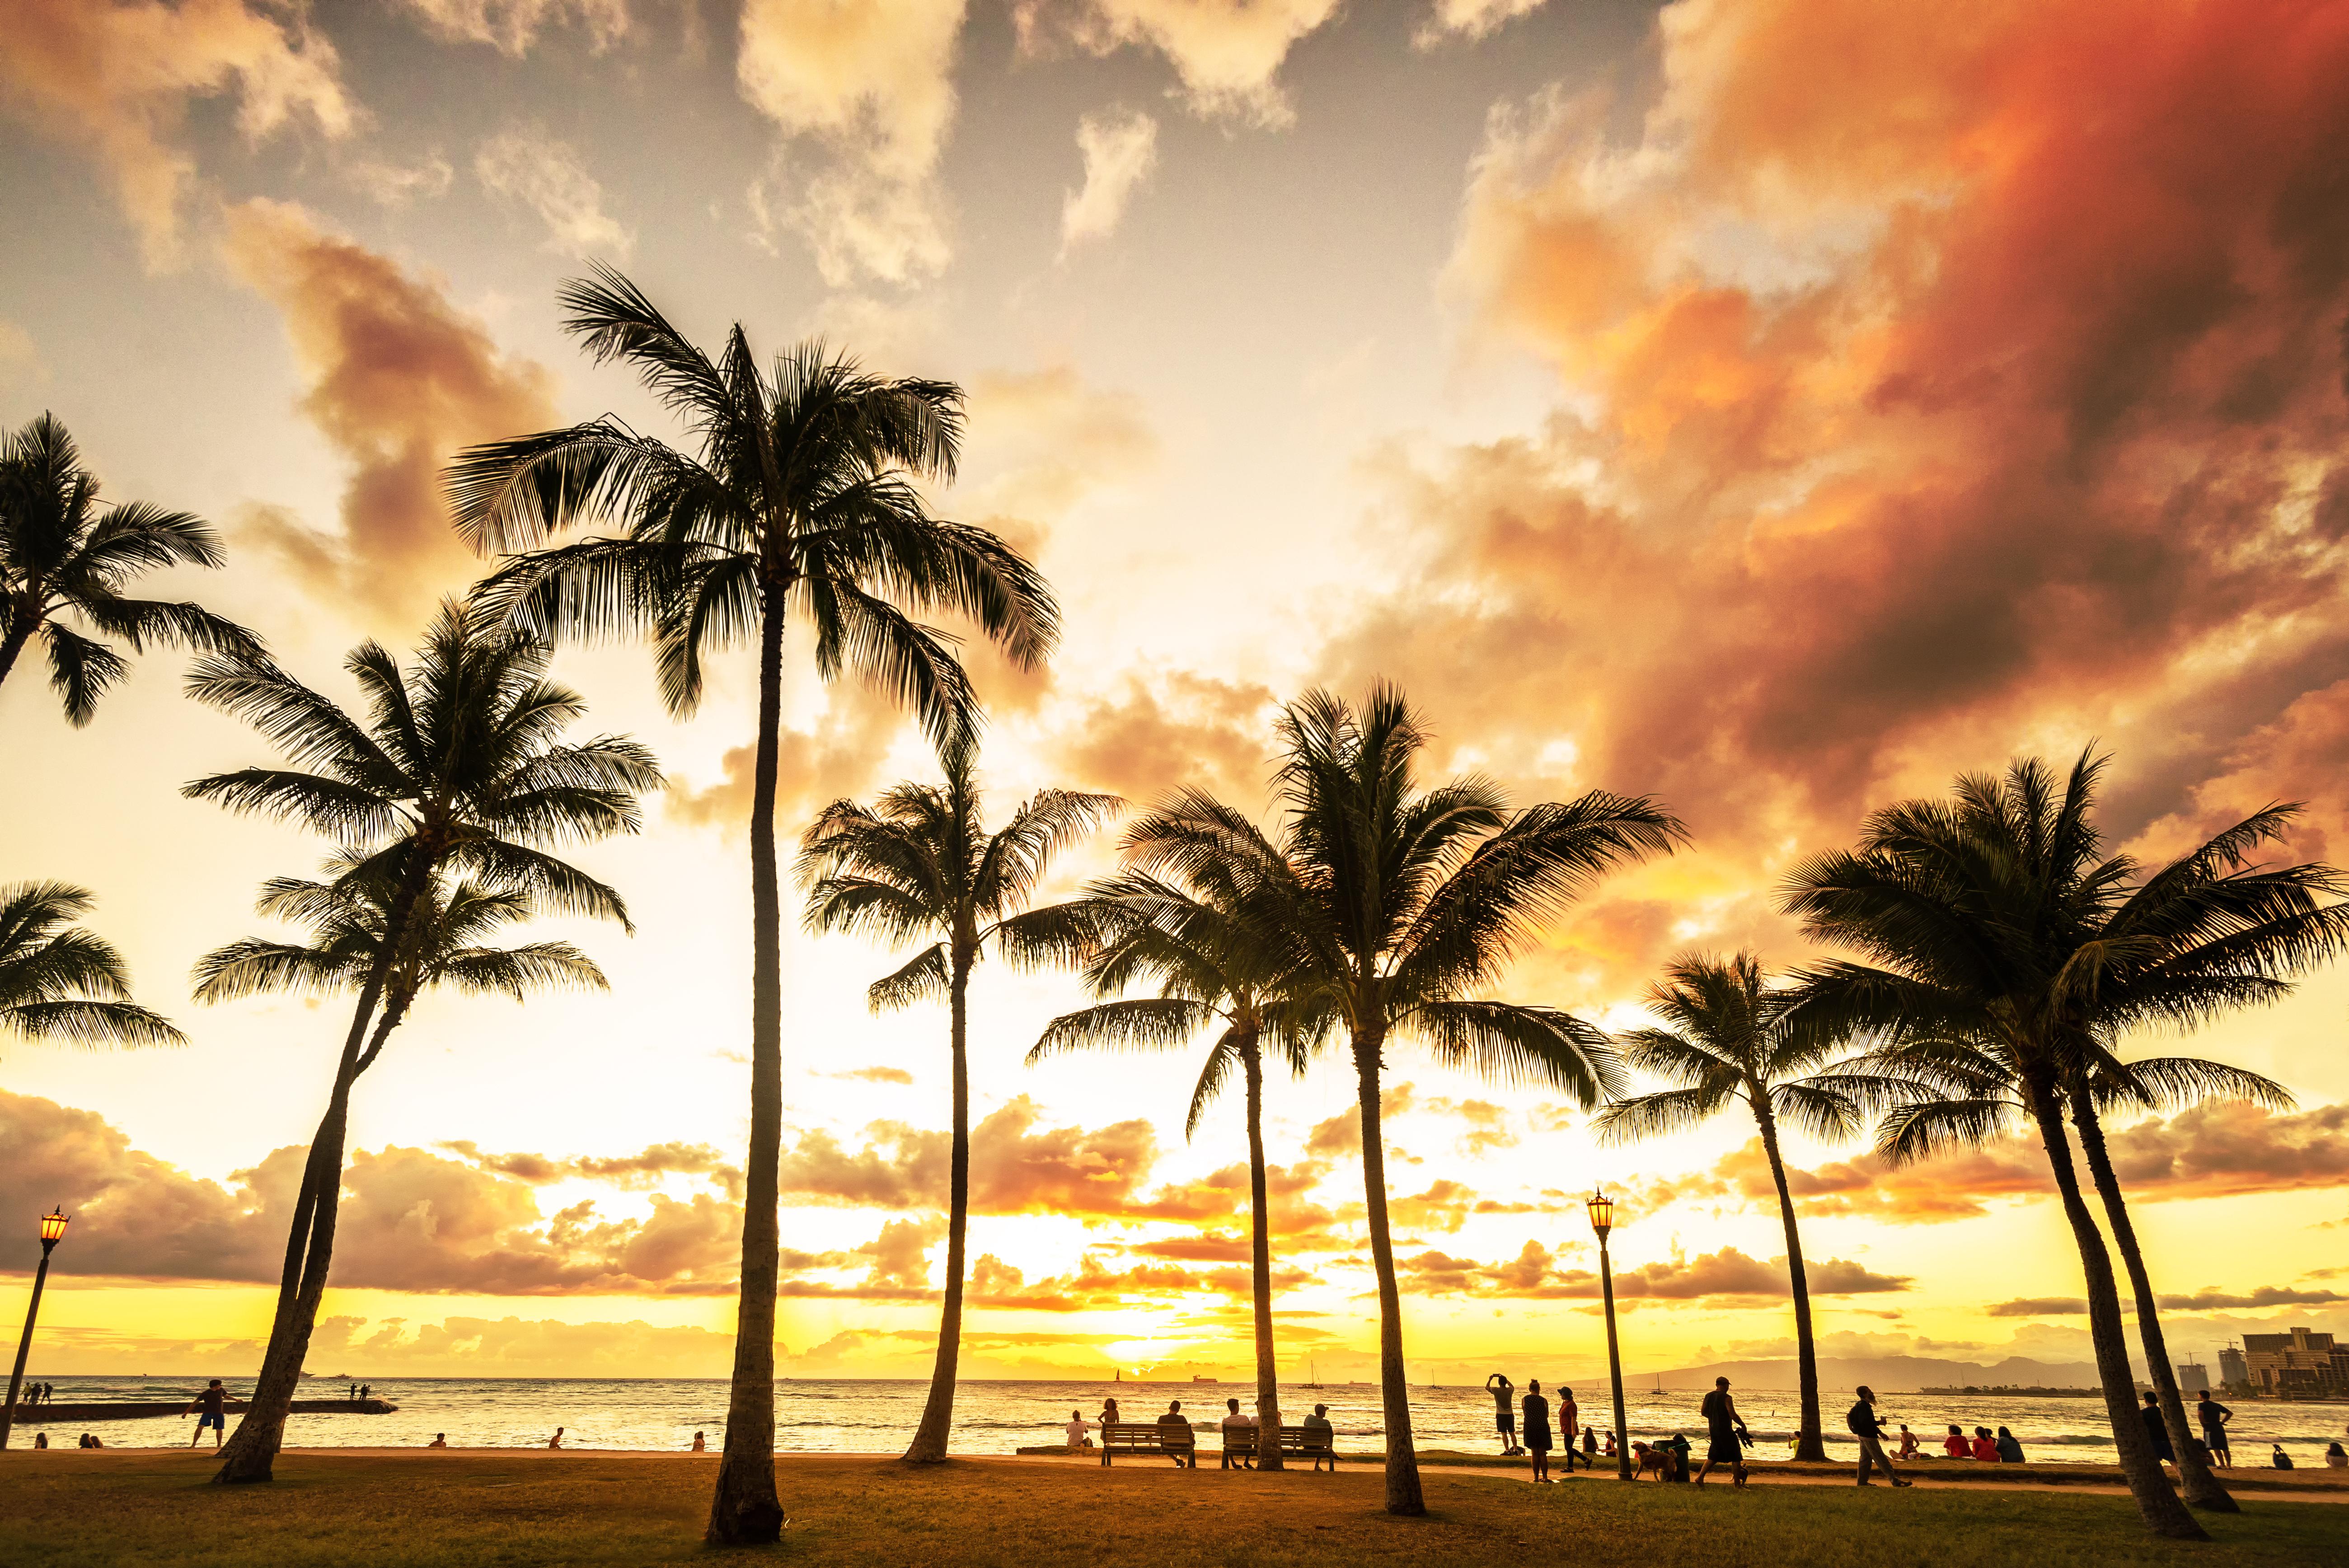 Golden hour sunset along Waikiki Beach